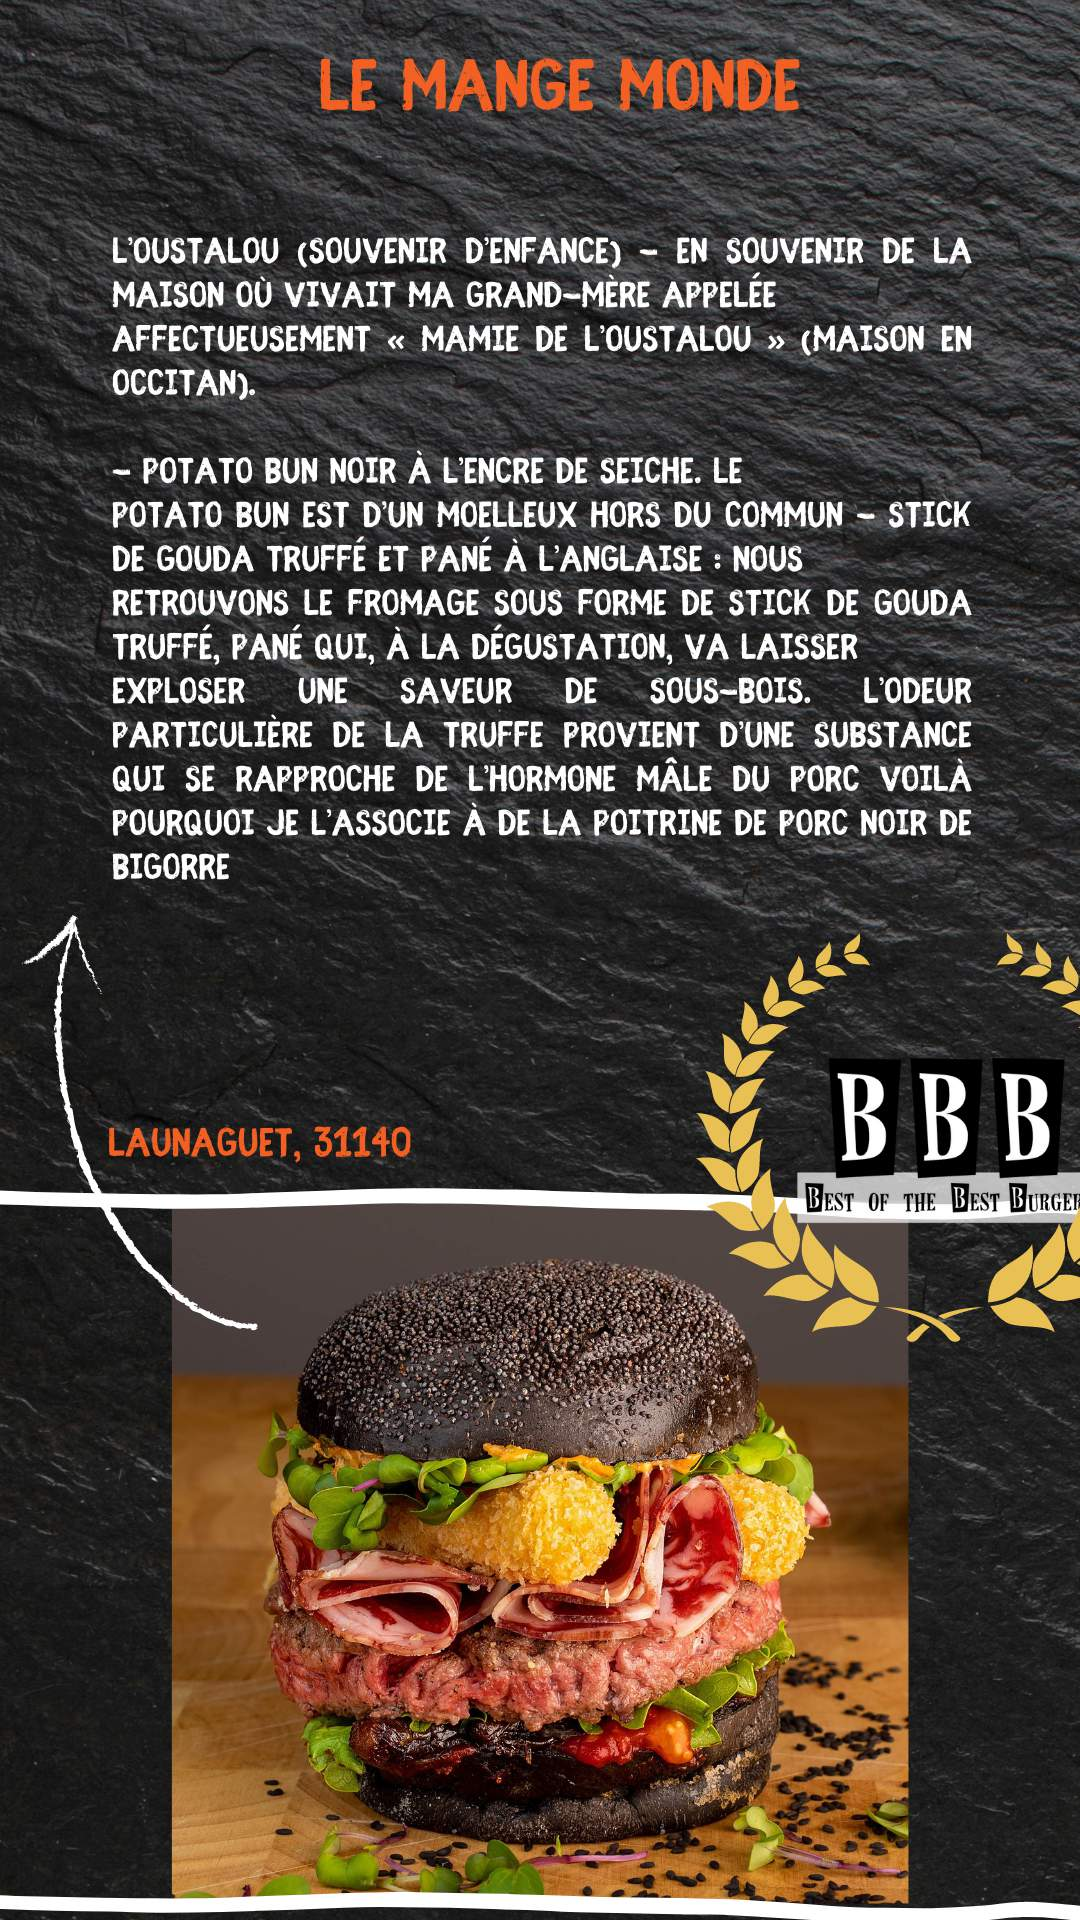 Burger du mange monde